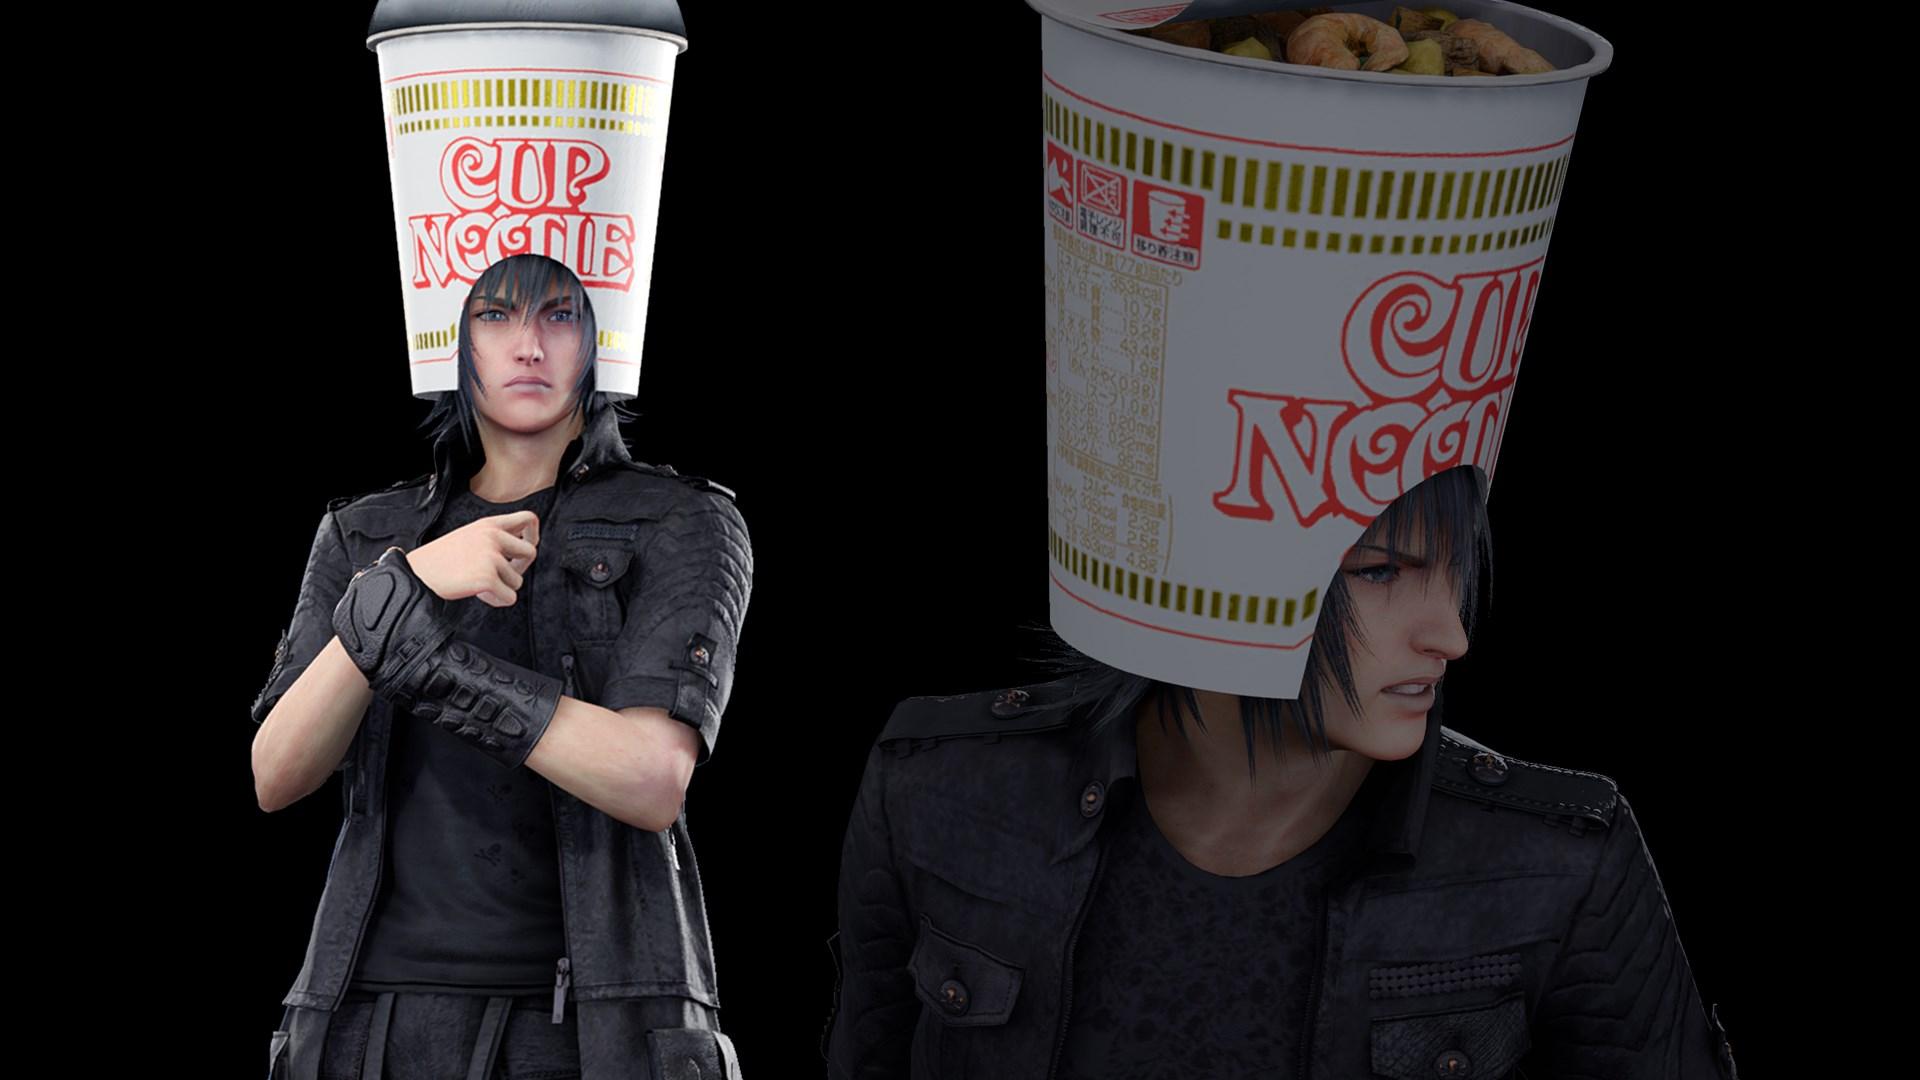 Outfit: Noodle Helmet